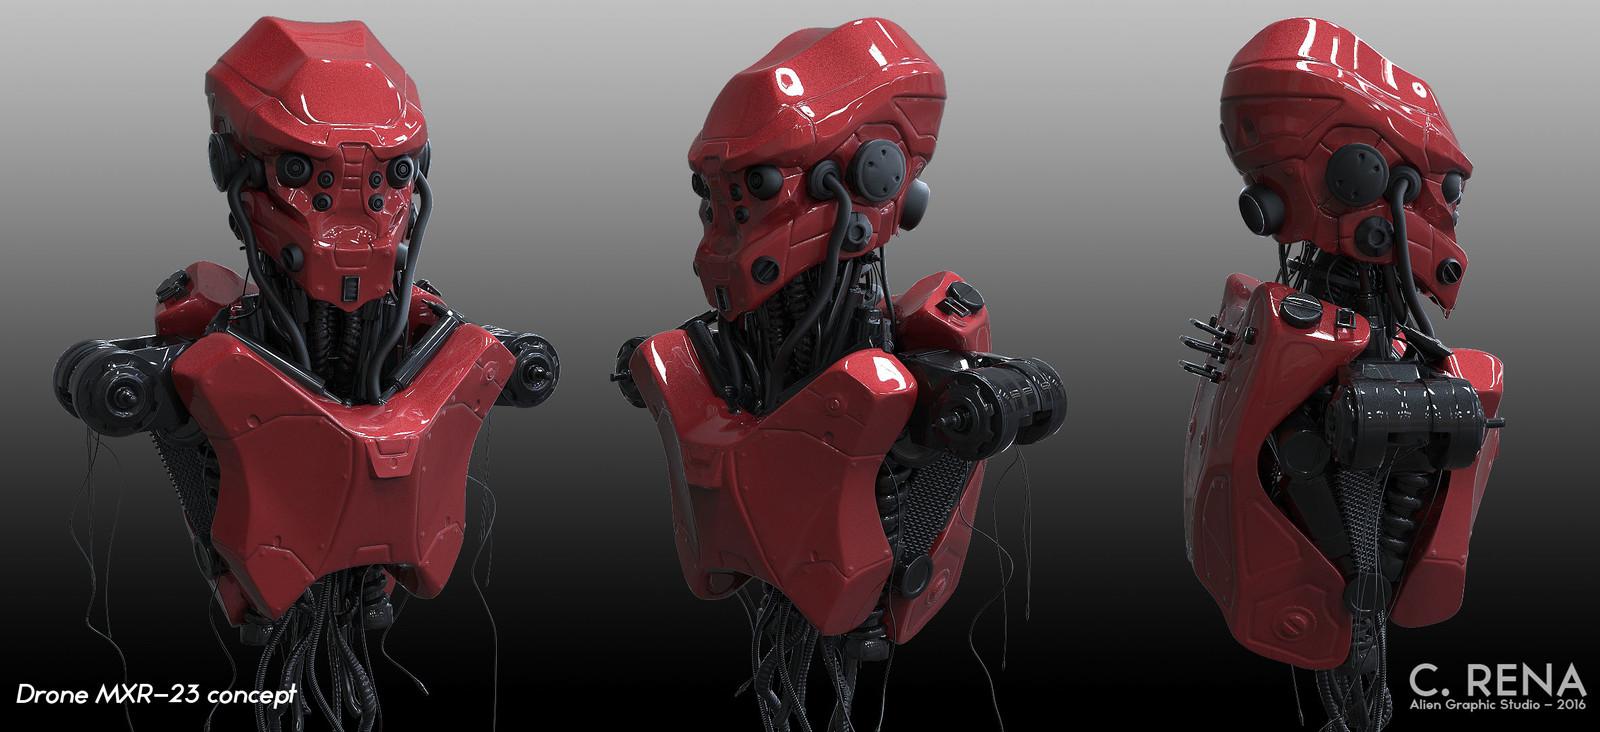 Drone MXR-23 concept